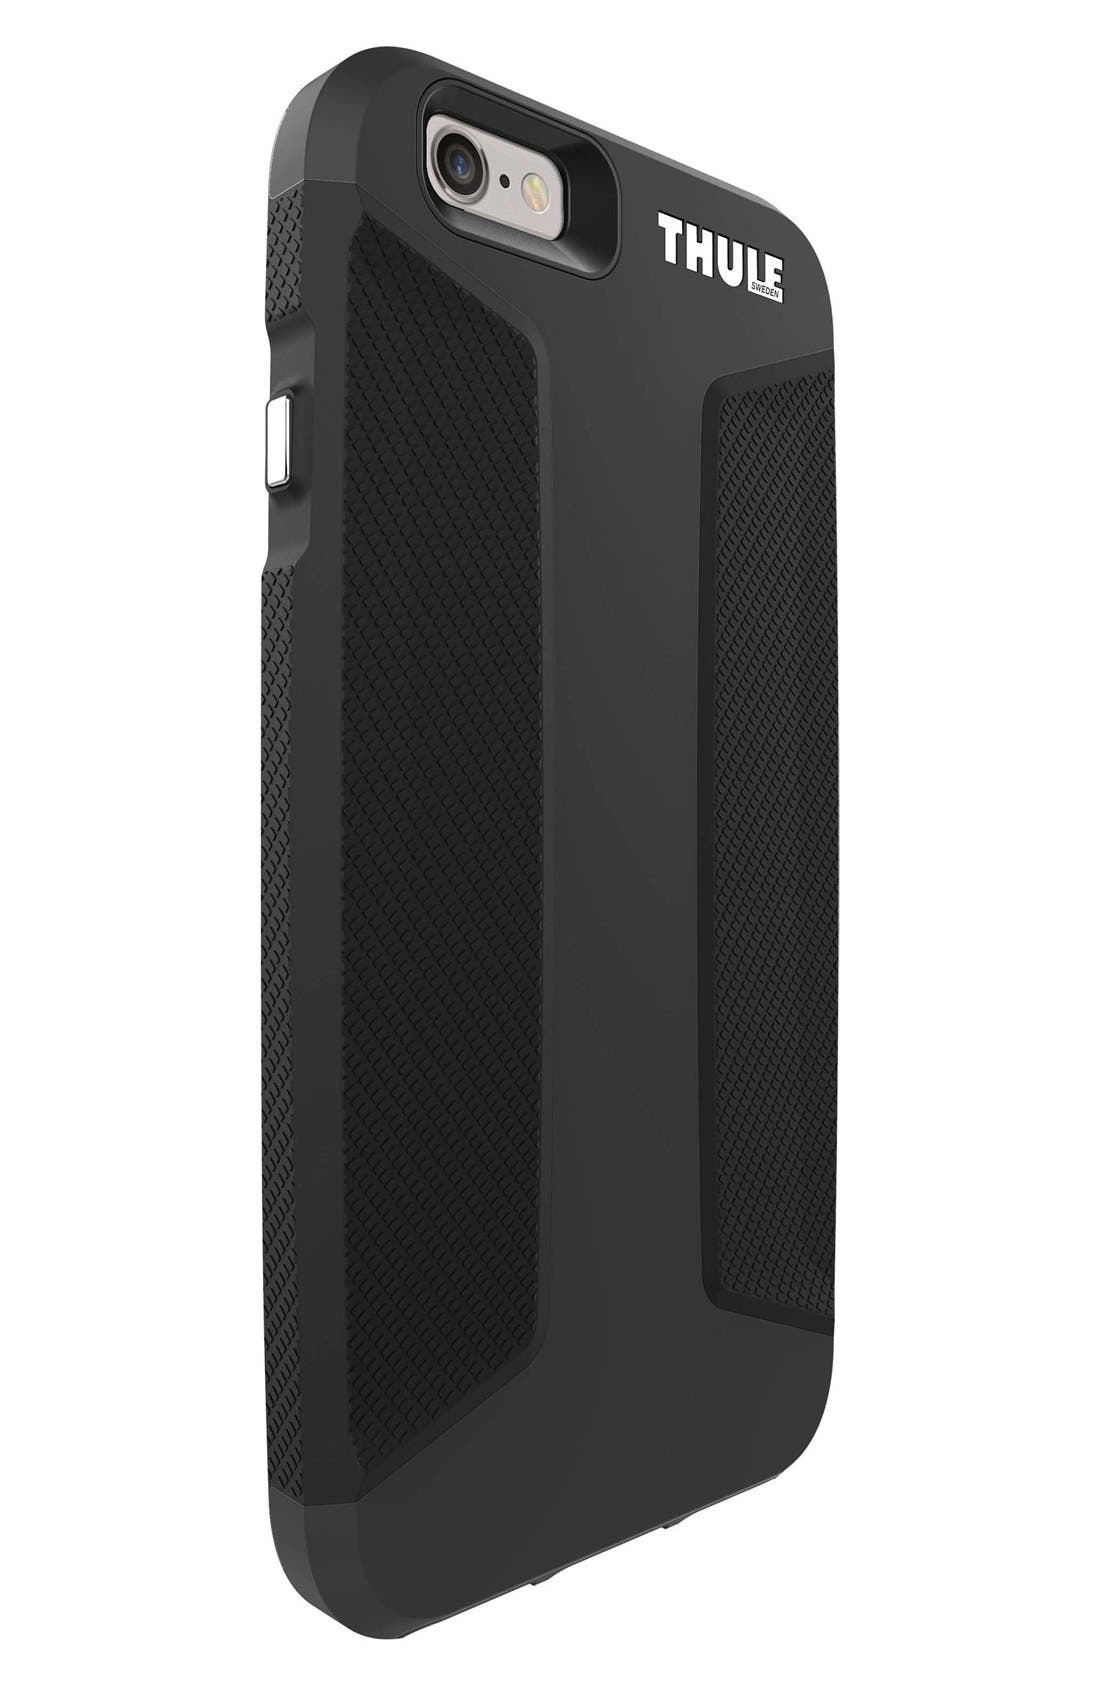 Main Image - Thule Atmos X4 iPhone 6 Plus/6s Plus Case